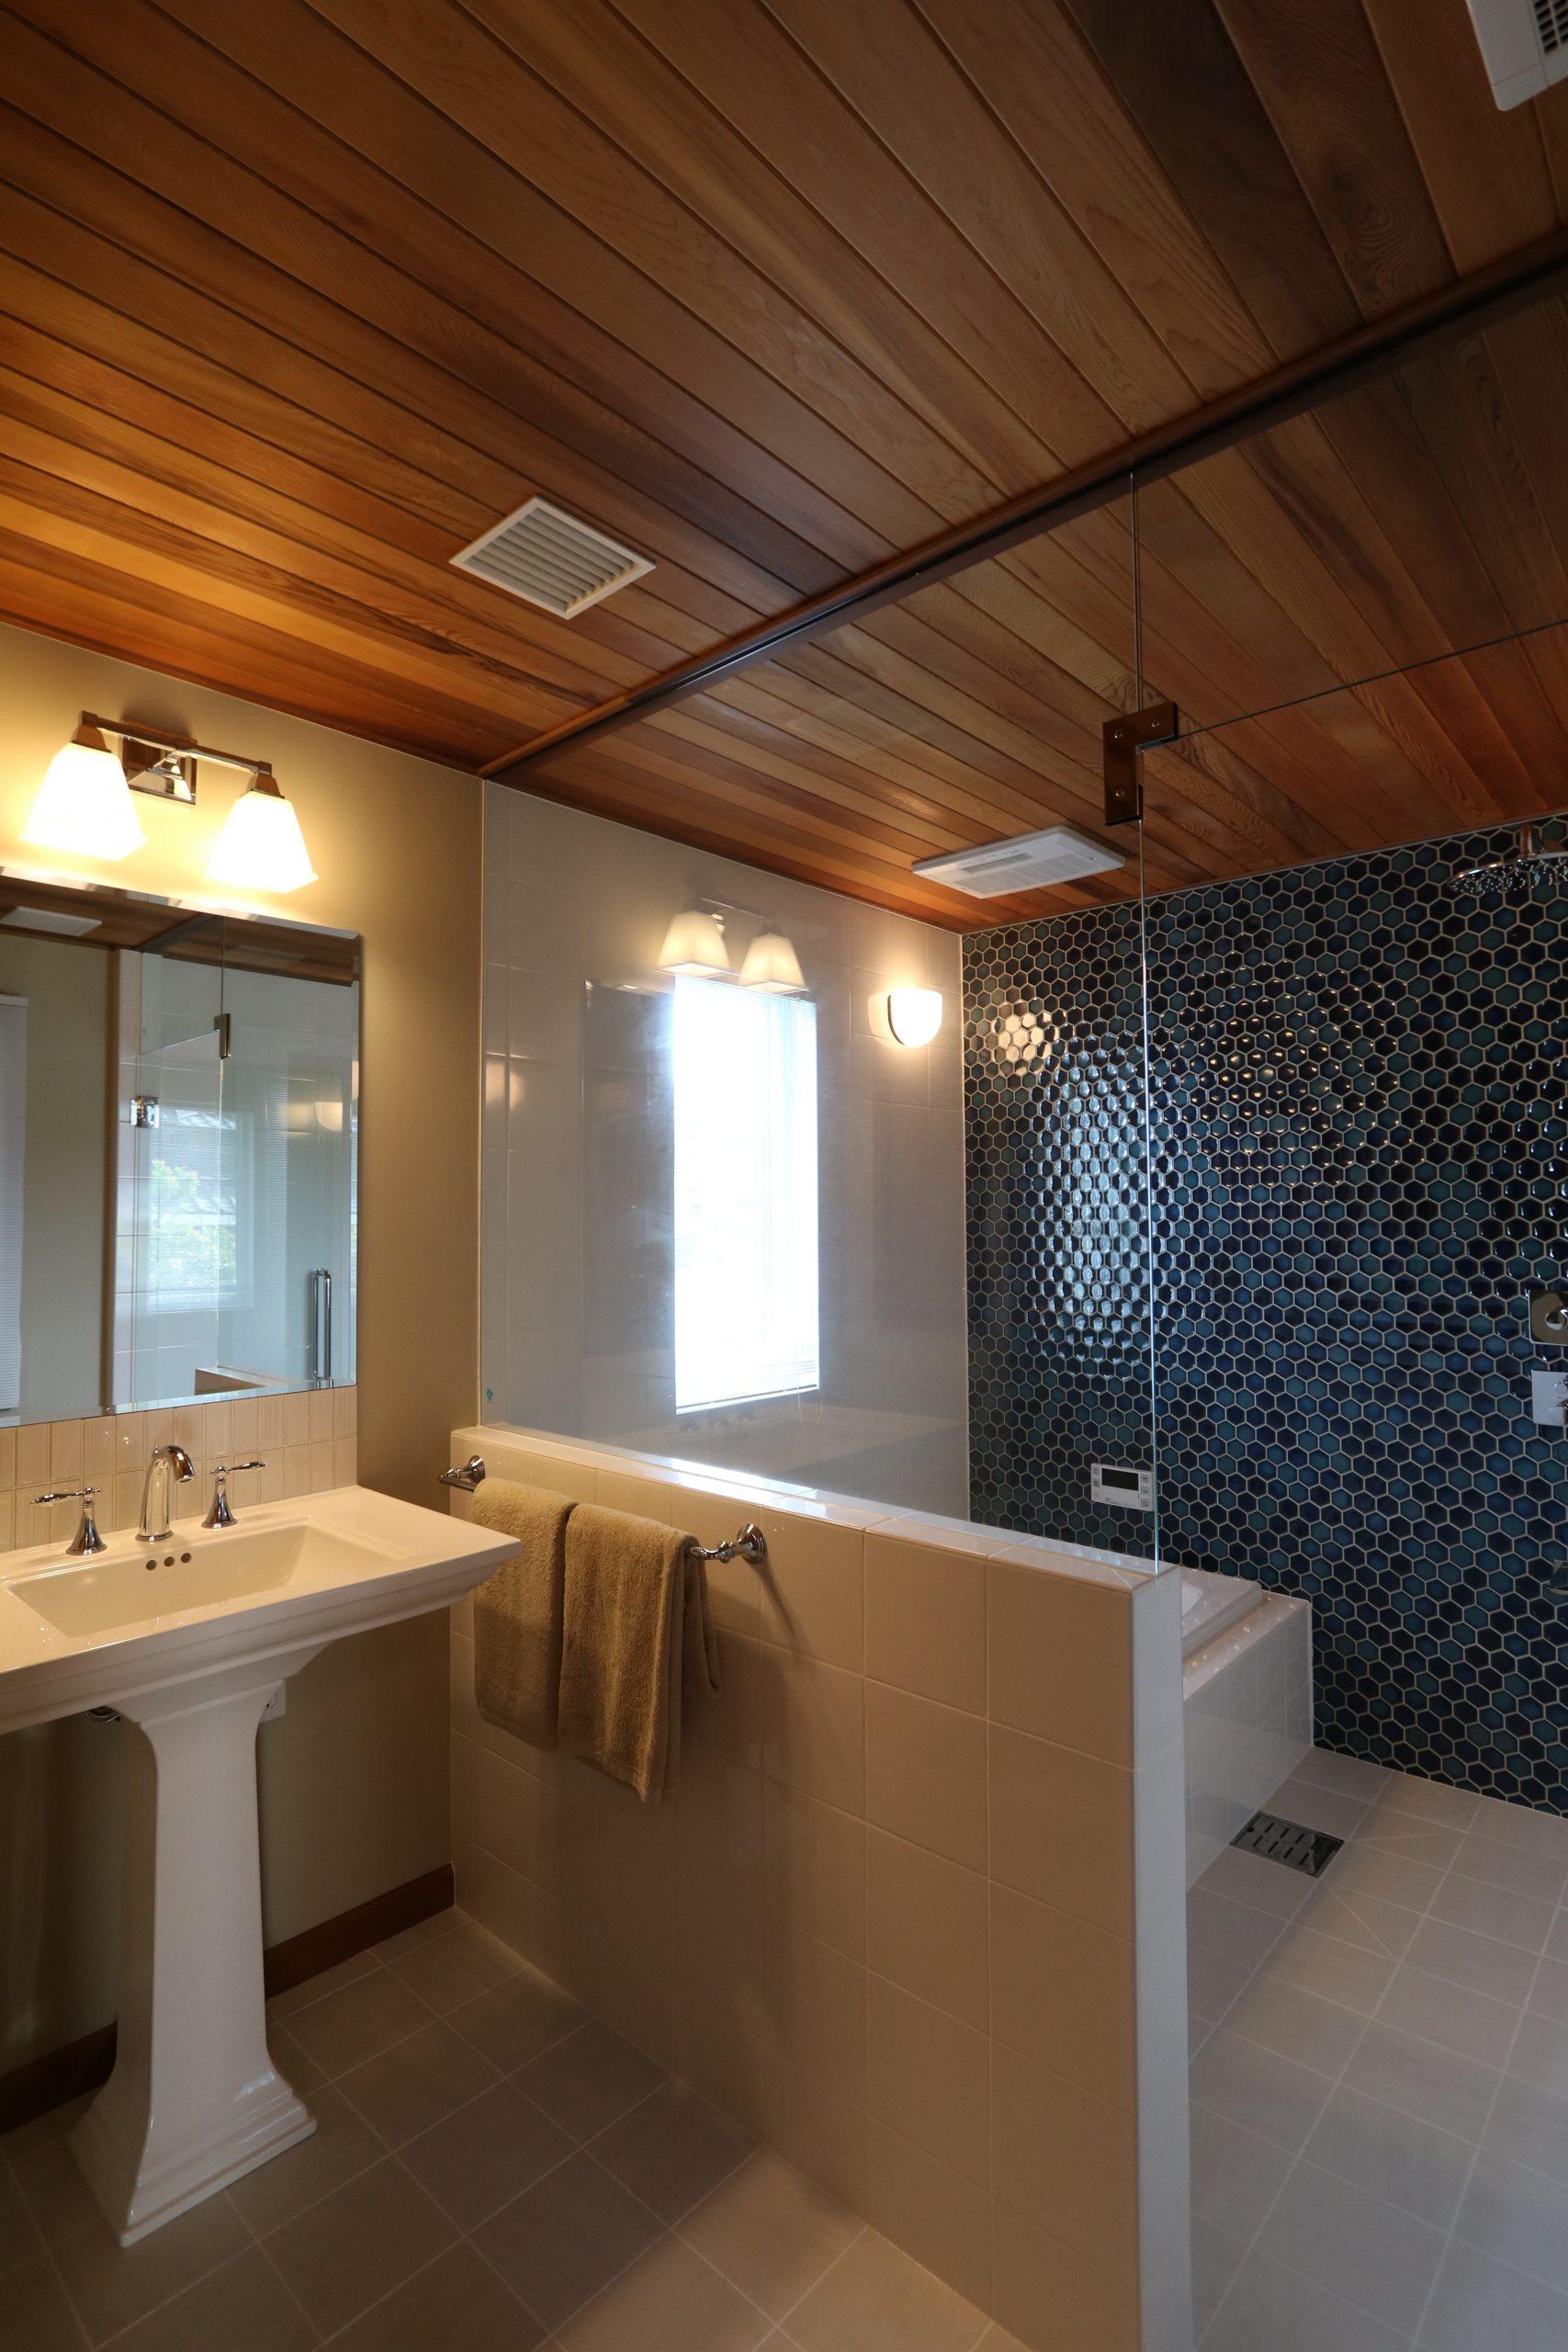 タイル大好きなお施主様が追求した、こだわりのホテルライクなバスルーム。